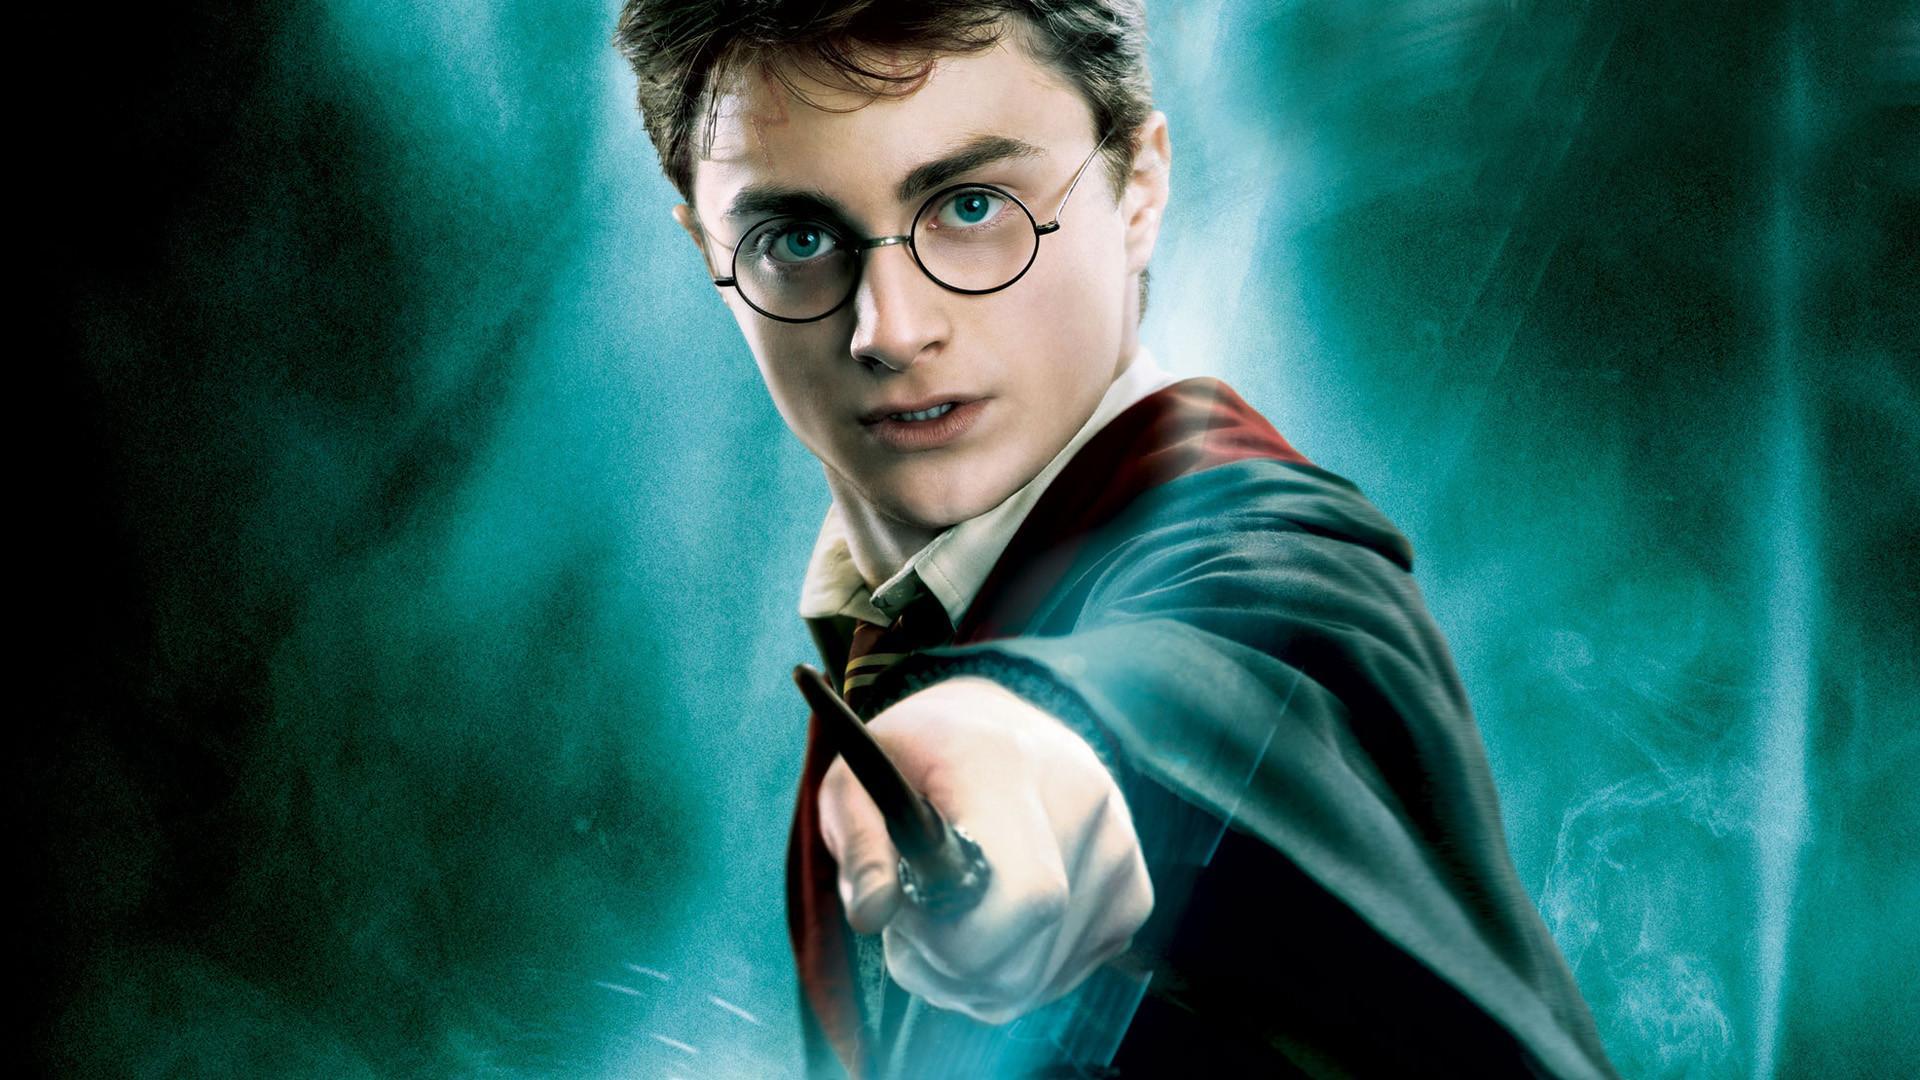 20 πράγματα που ίσως δεν ξέρατε για το Χάρι Πότερ για τα 20α γενέθλια του πρώτου βιβλίου